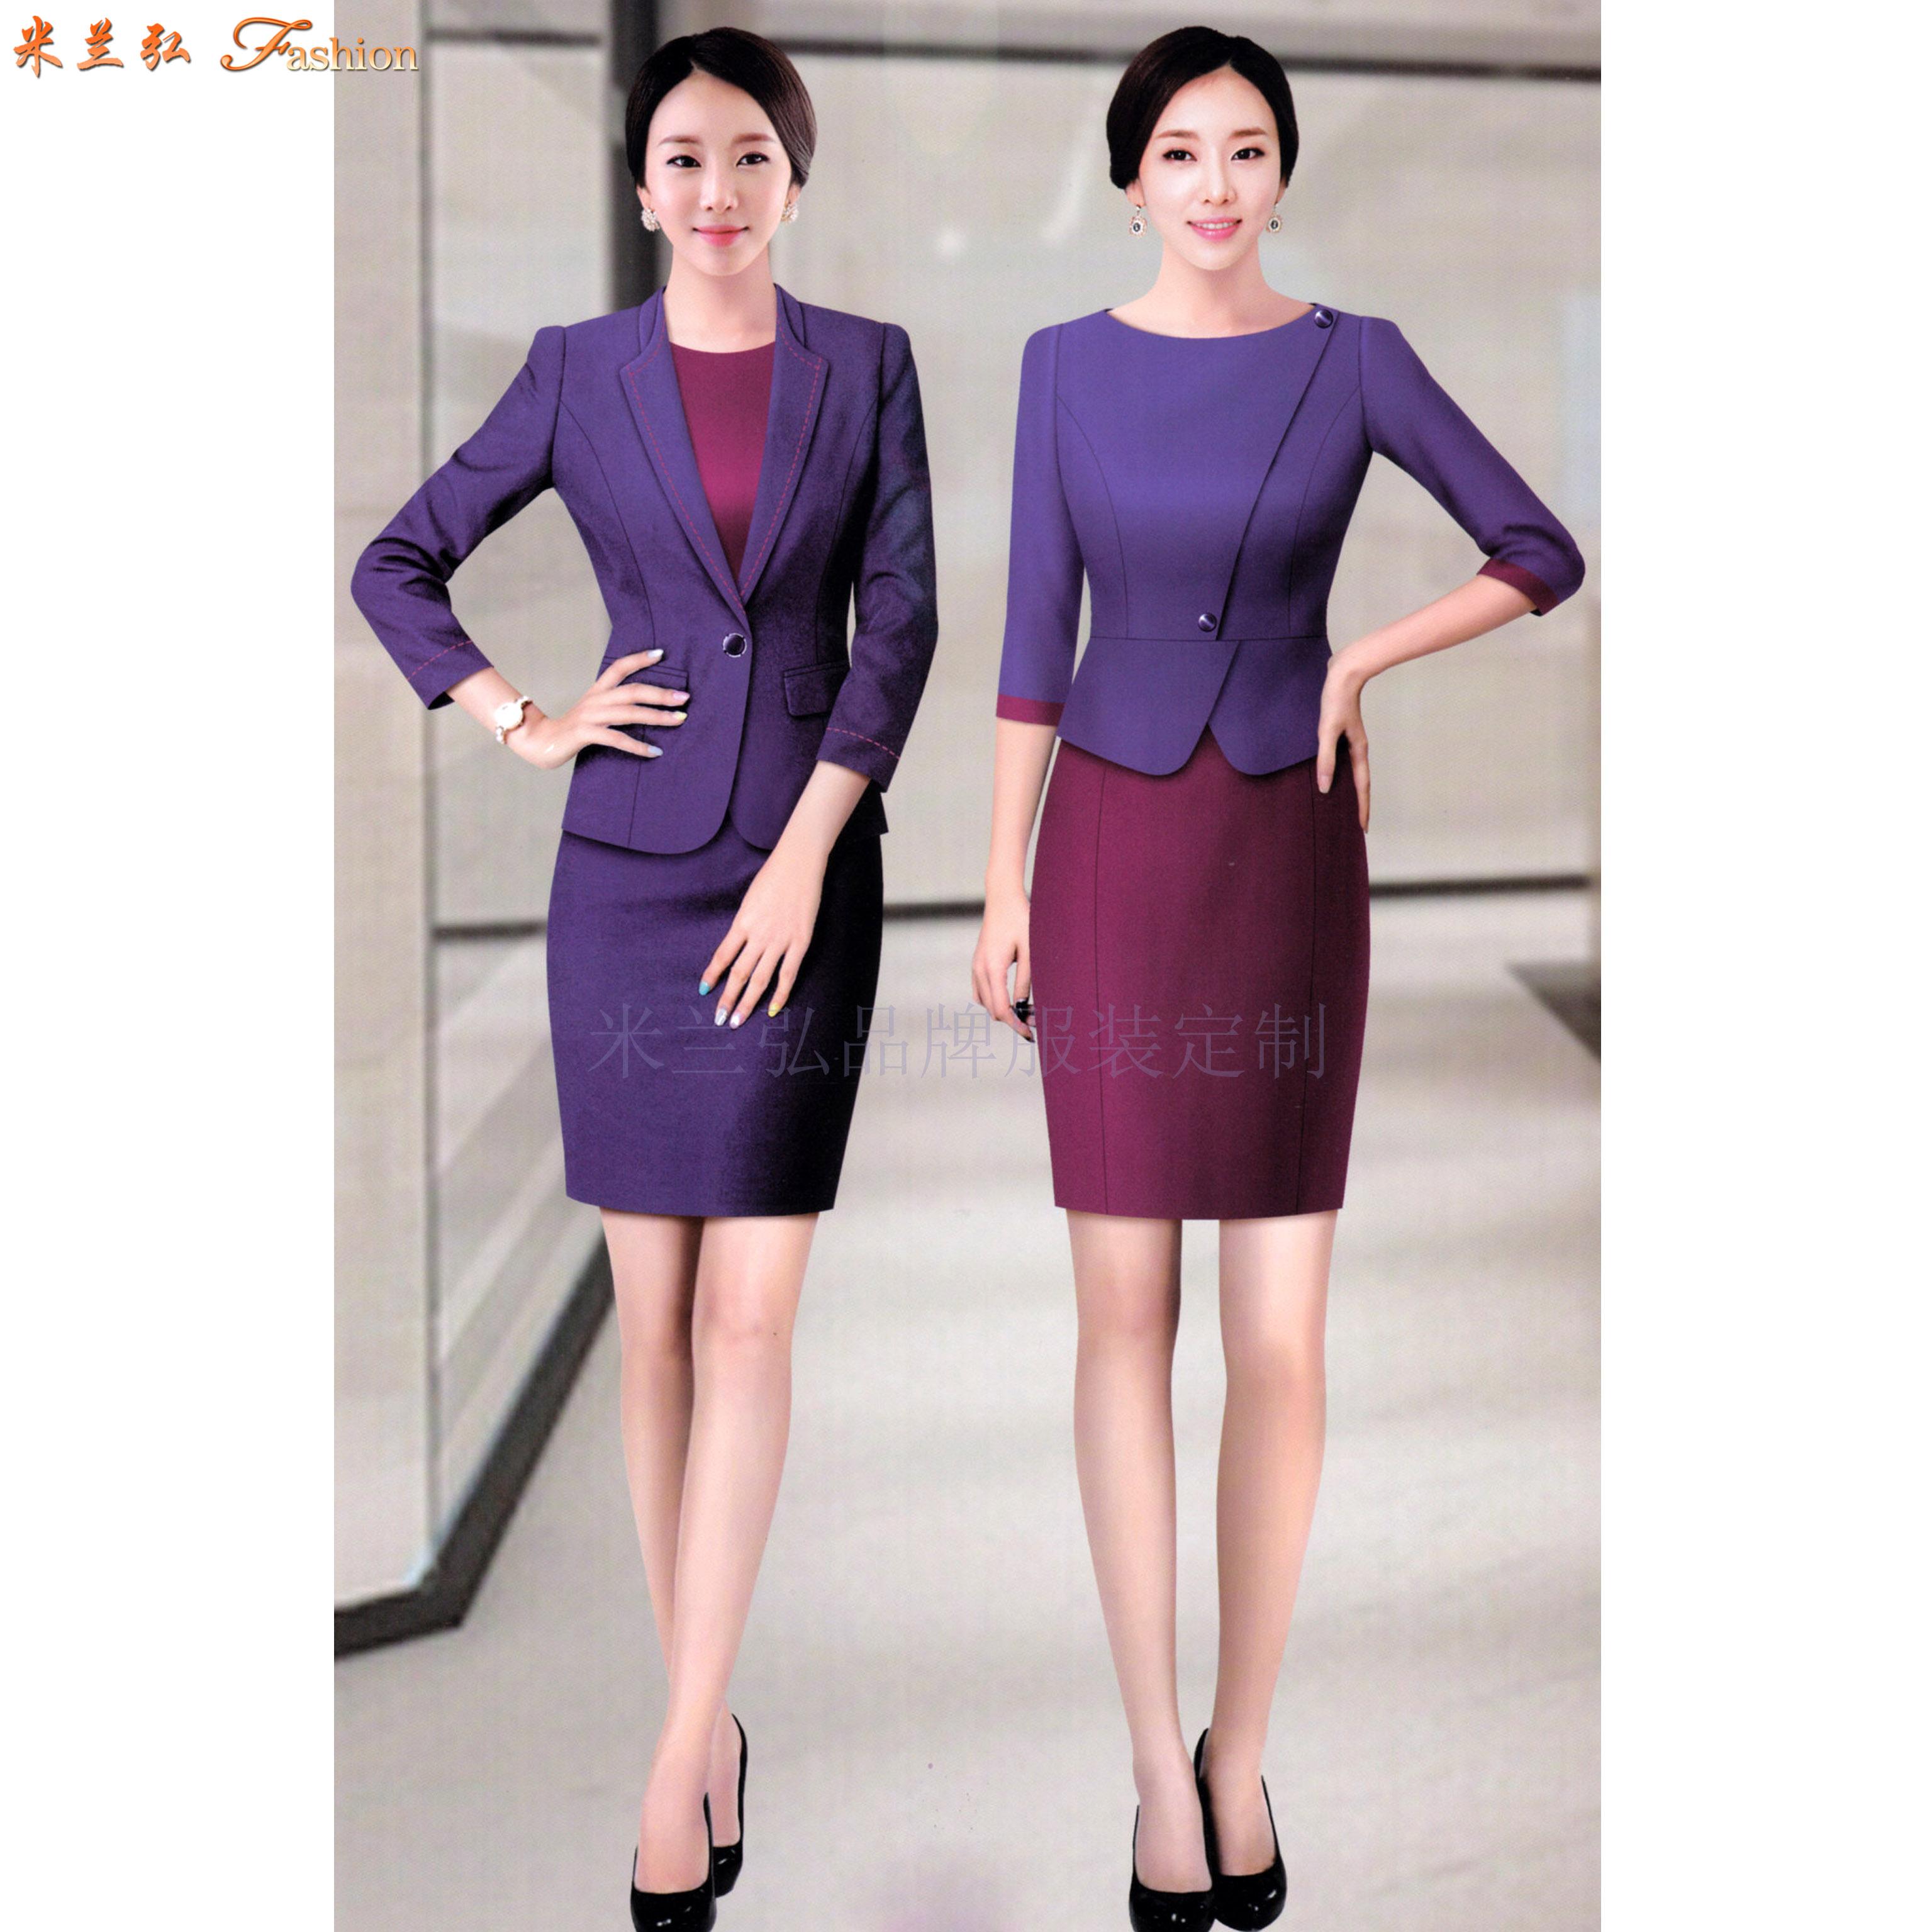 北京品牌西服定制-訂做時尚大氣西服-米蘭弘服裝-3